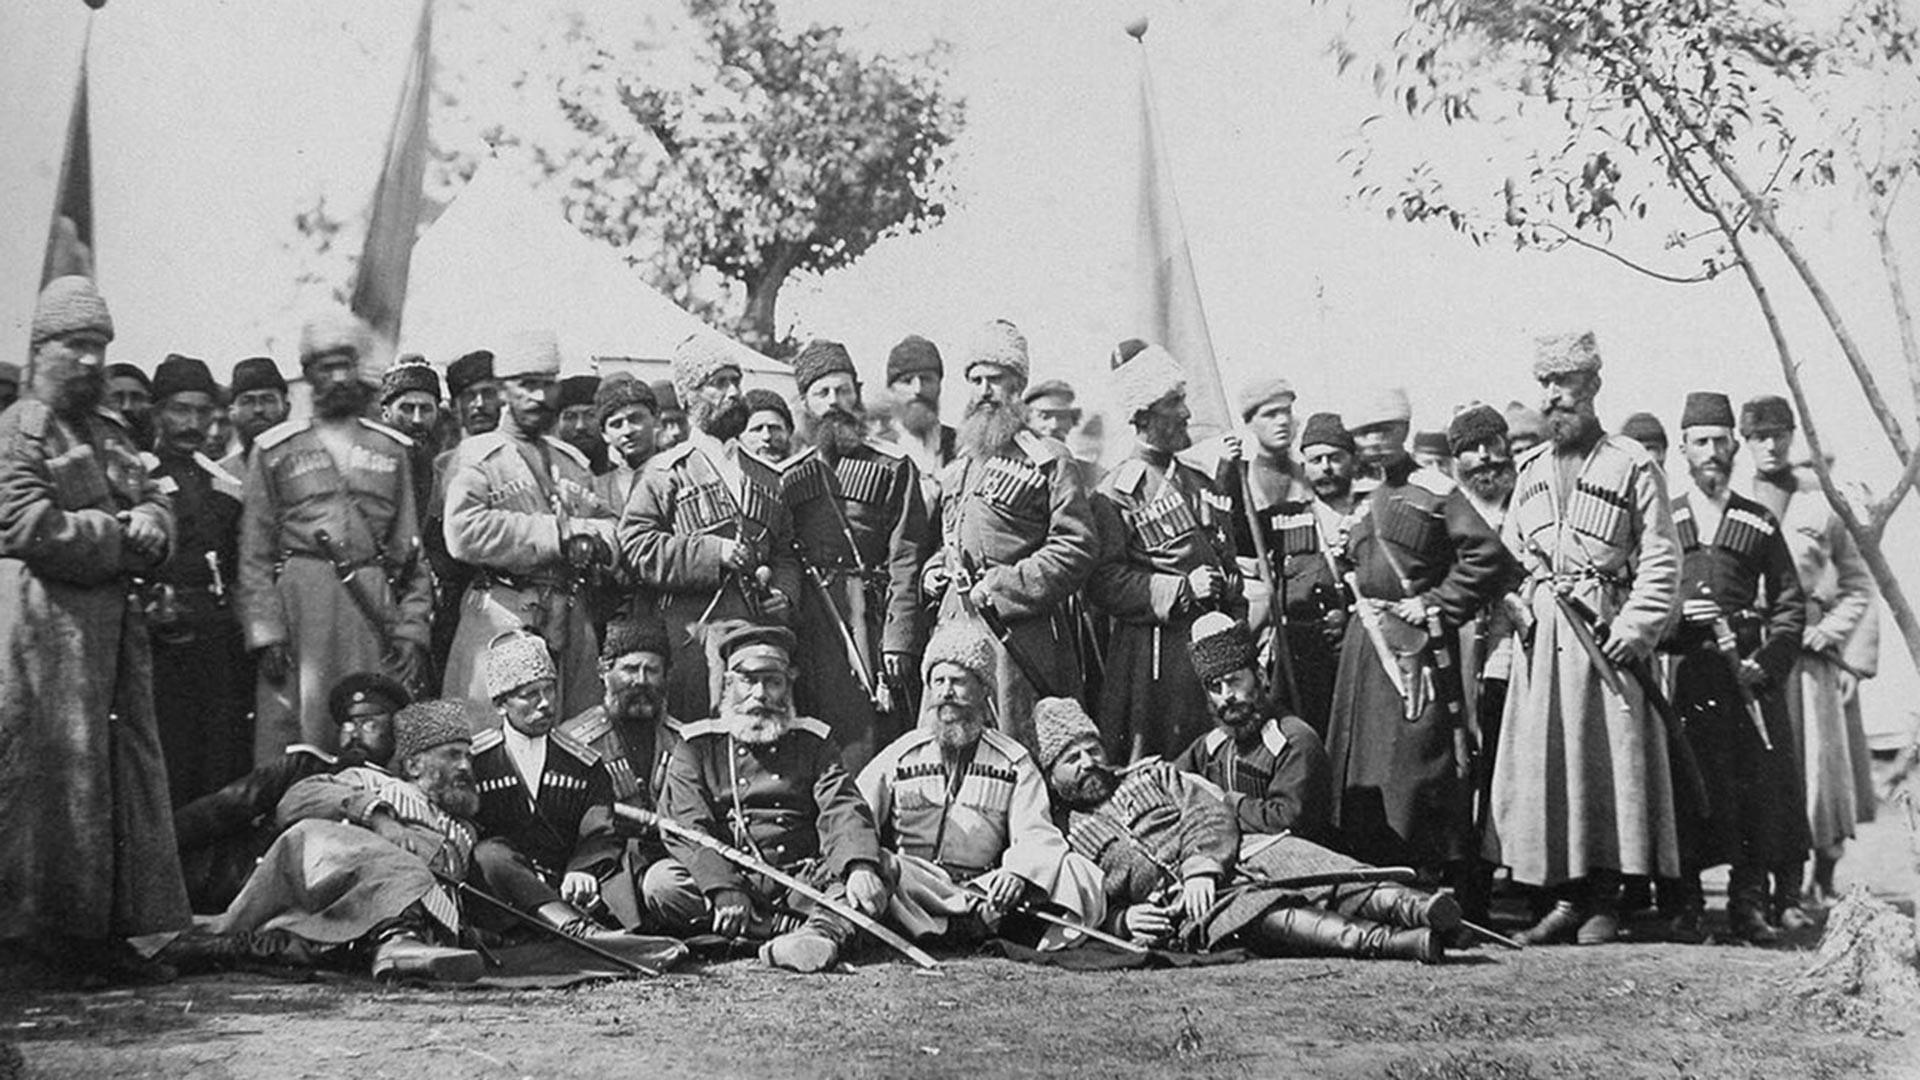 Divisi Pertama Cossack Kaukasus.